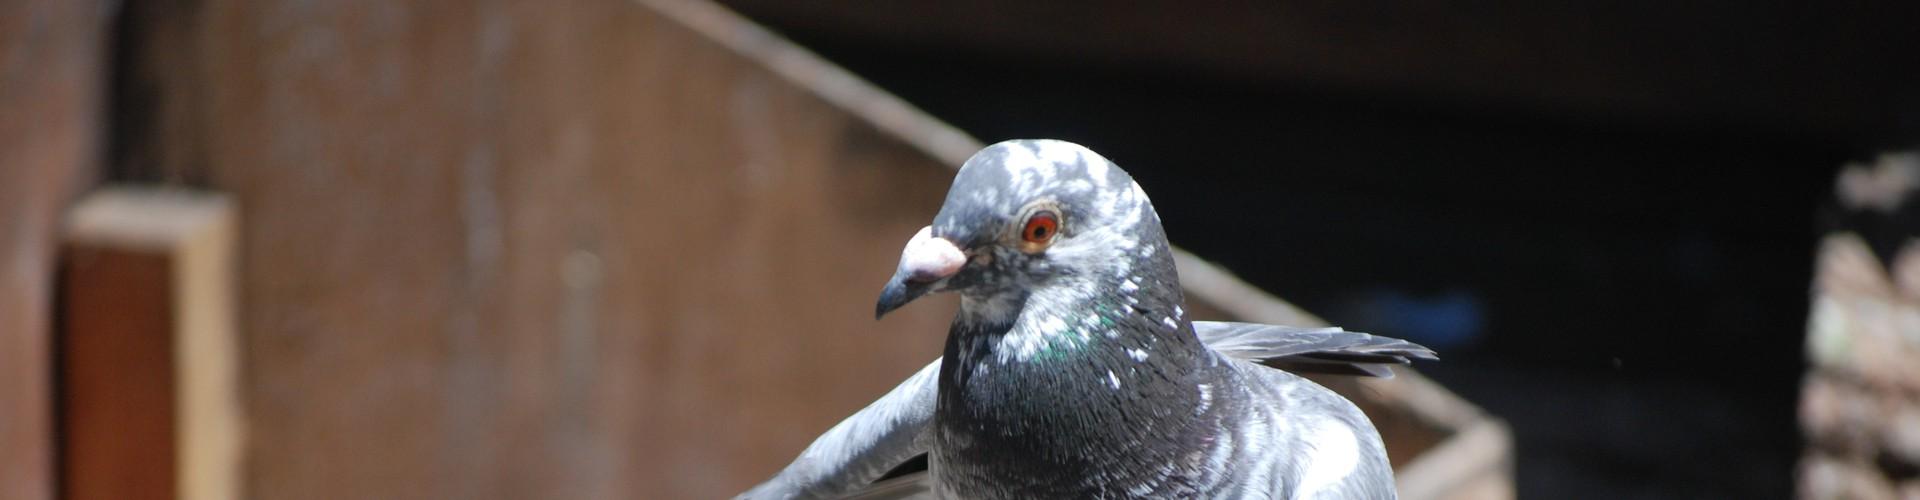 Homing pigeon (Credit: Five Furlongs)